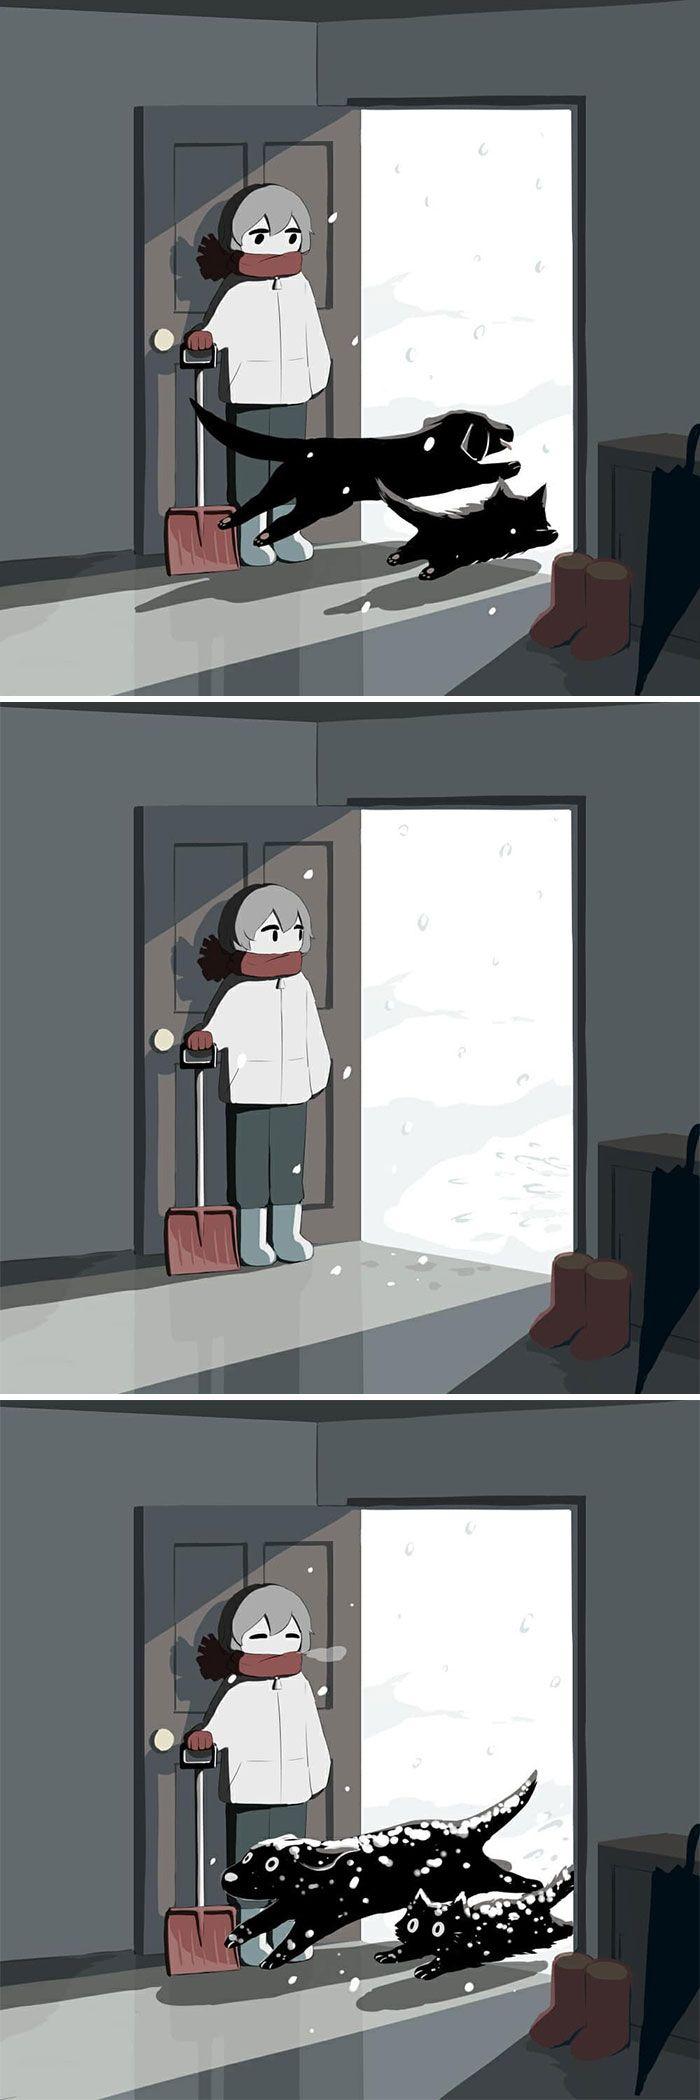 40 ilustrações poderosas de um artista japonês que o farão pensar 19